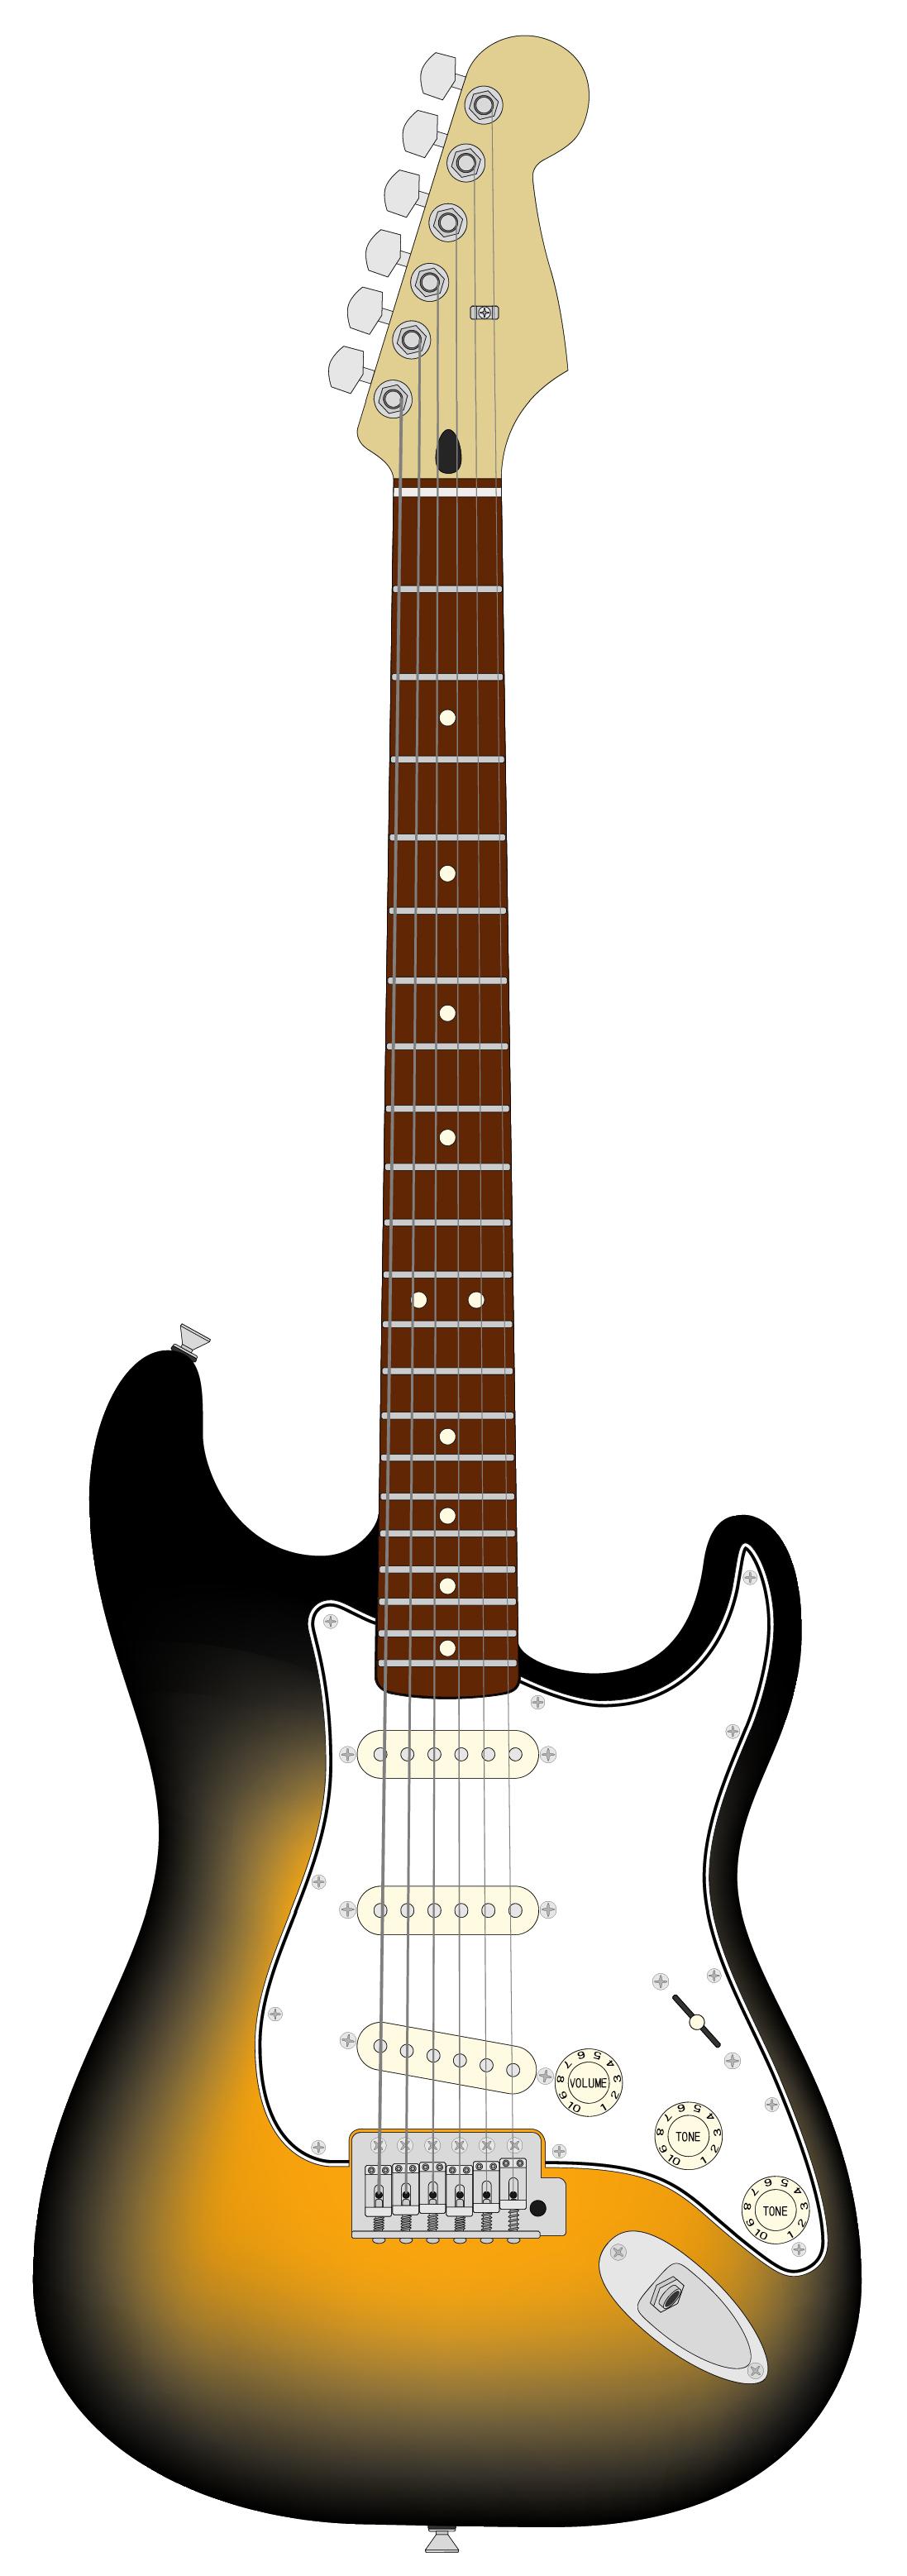 1097x3115 Clip Art Electric Guitar Clip Art